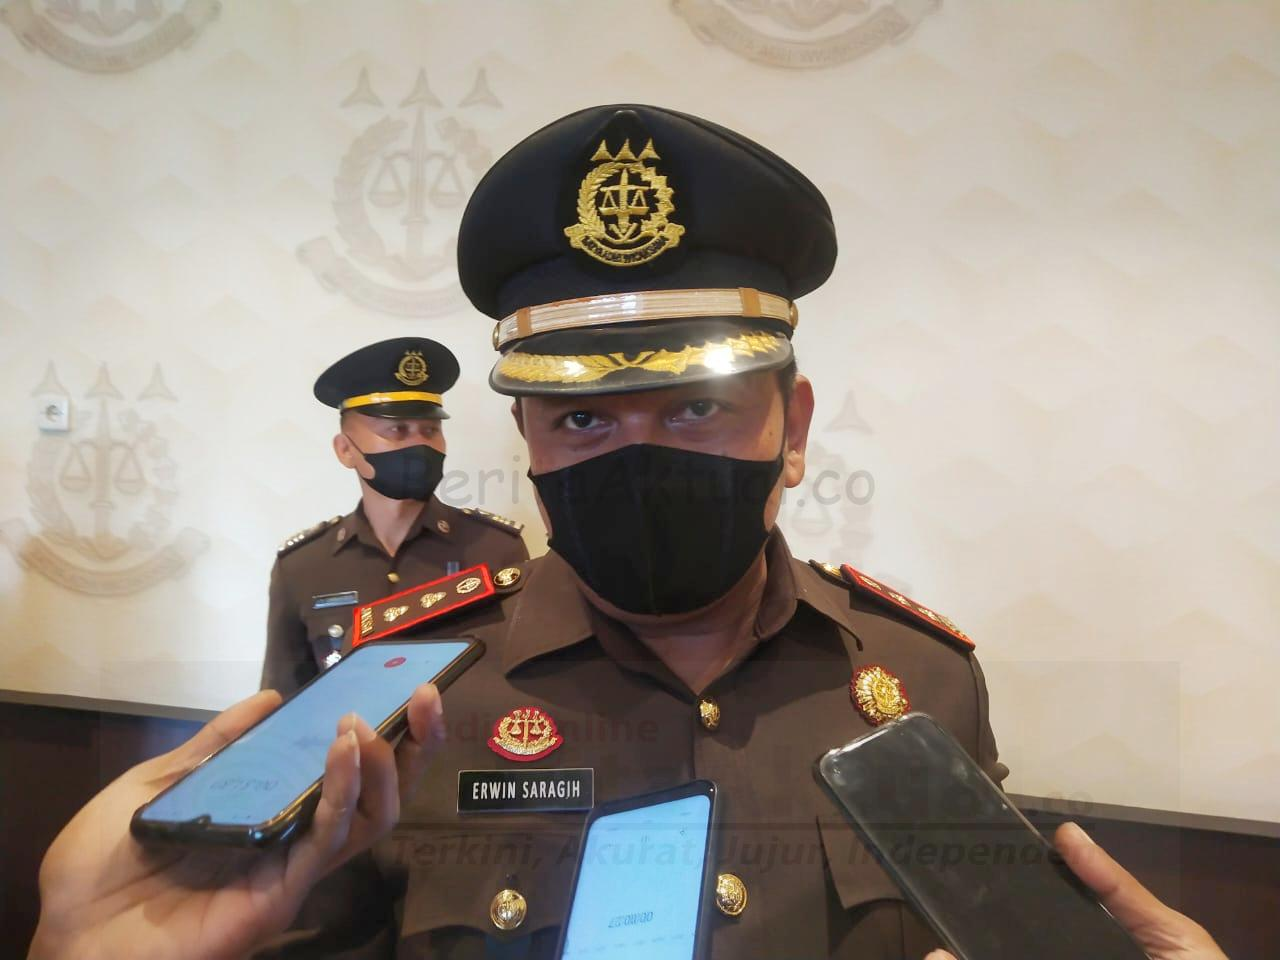 Erwin Saragih Jabat Kejari Sorong, Program Pertama Pembenahan Internal 19 IMG 20210301 224842